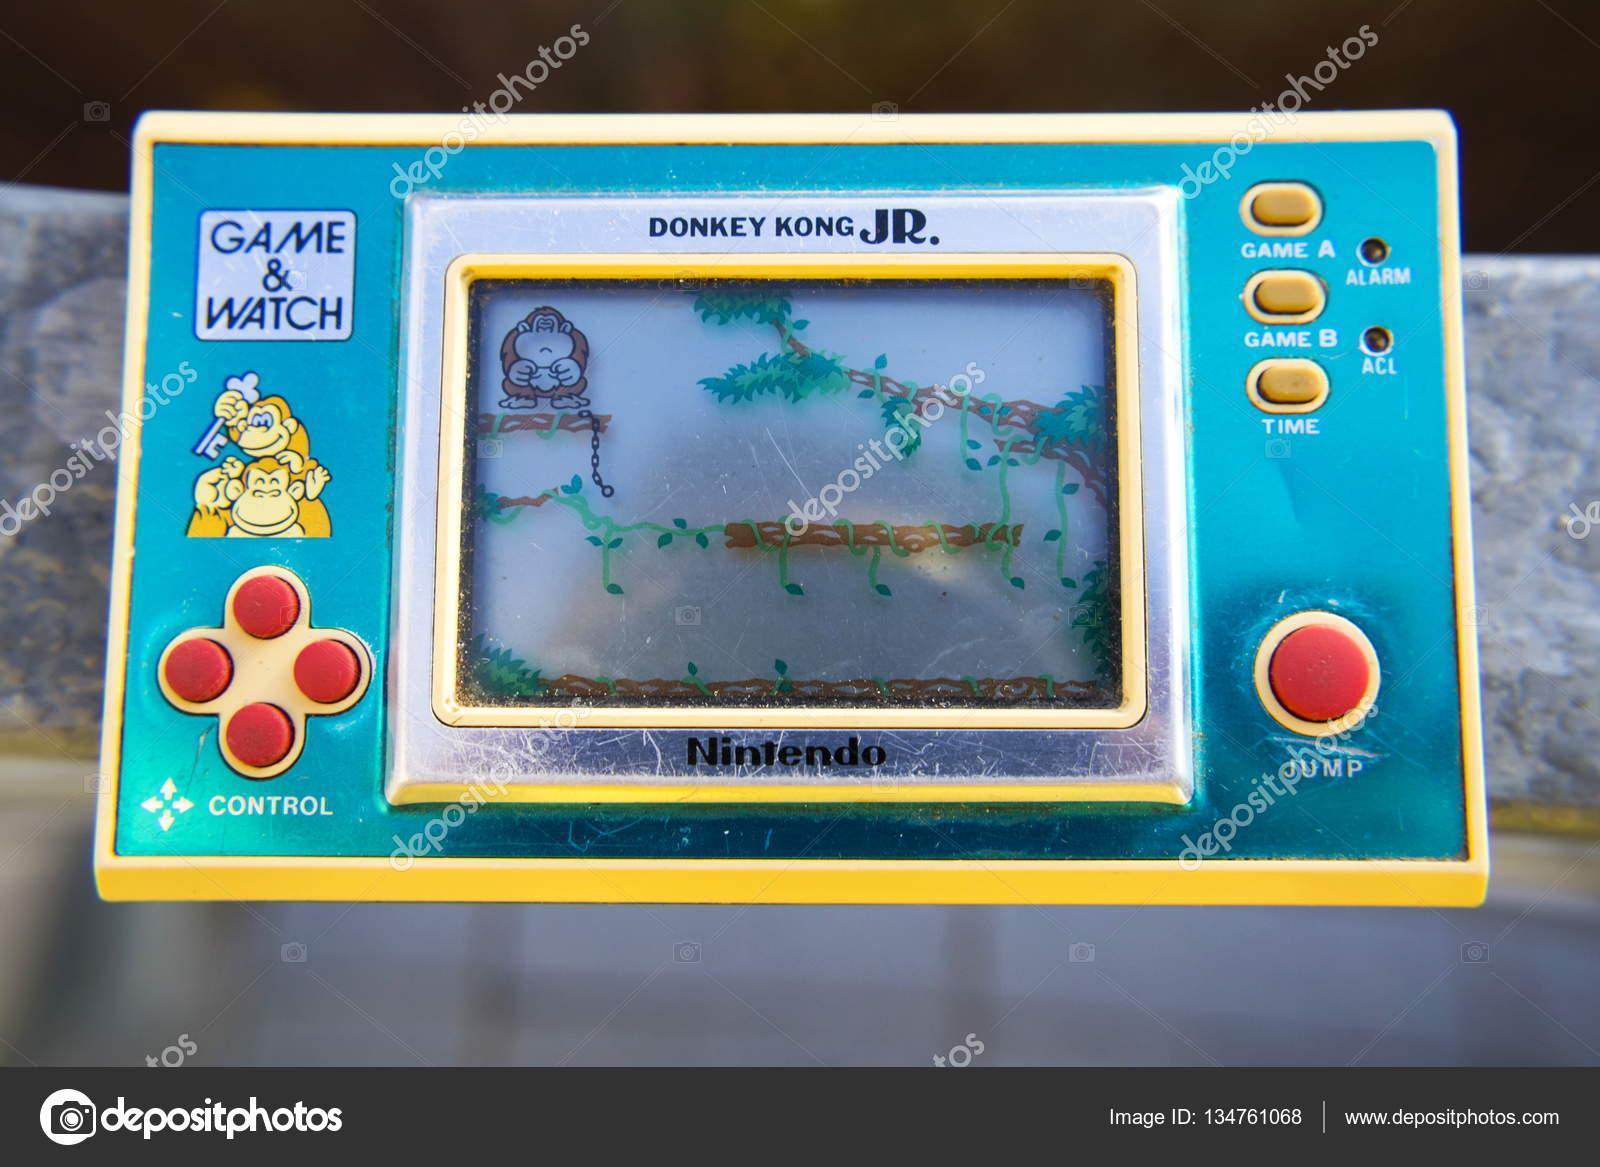 Fotos Donkey Kong Vintage Mano Electronicos Nintendo Juego Donkey